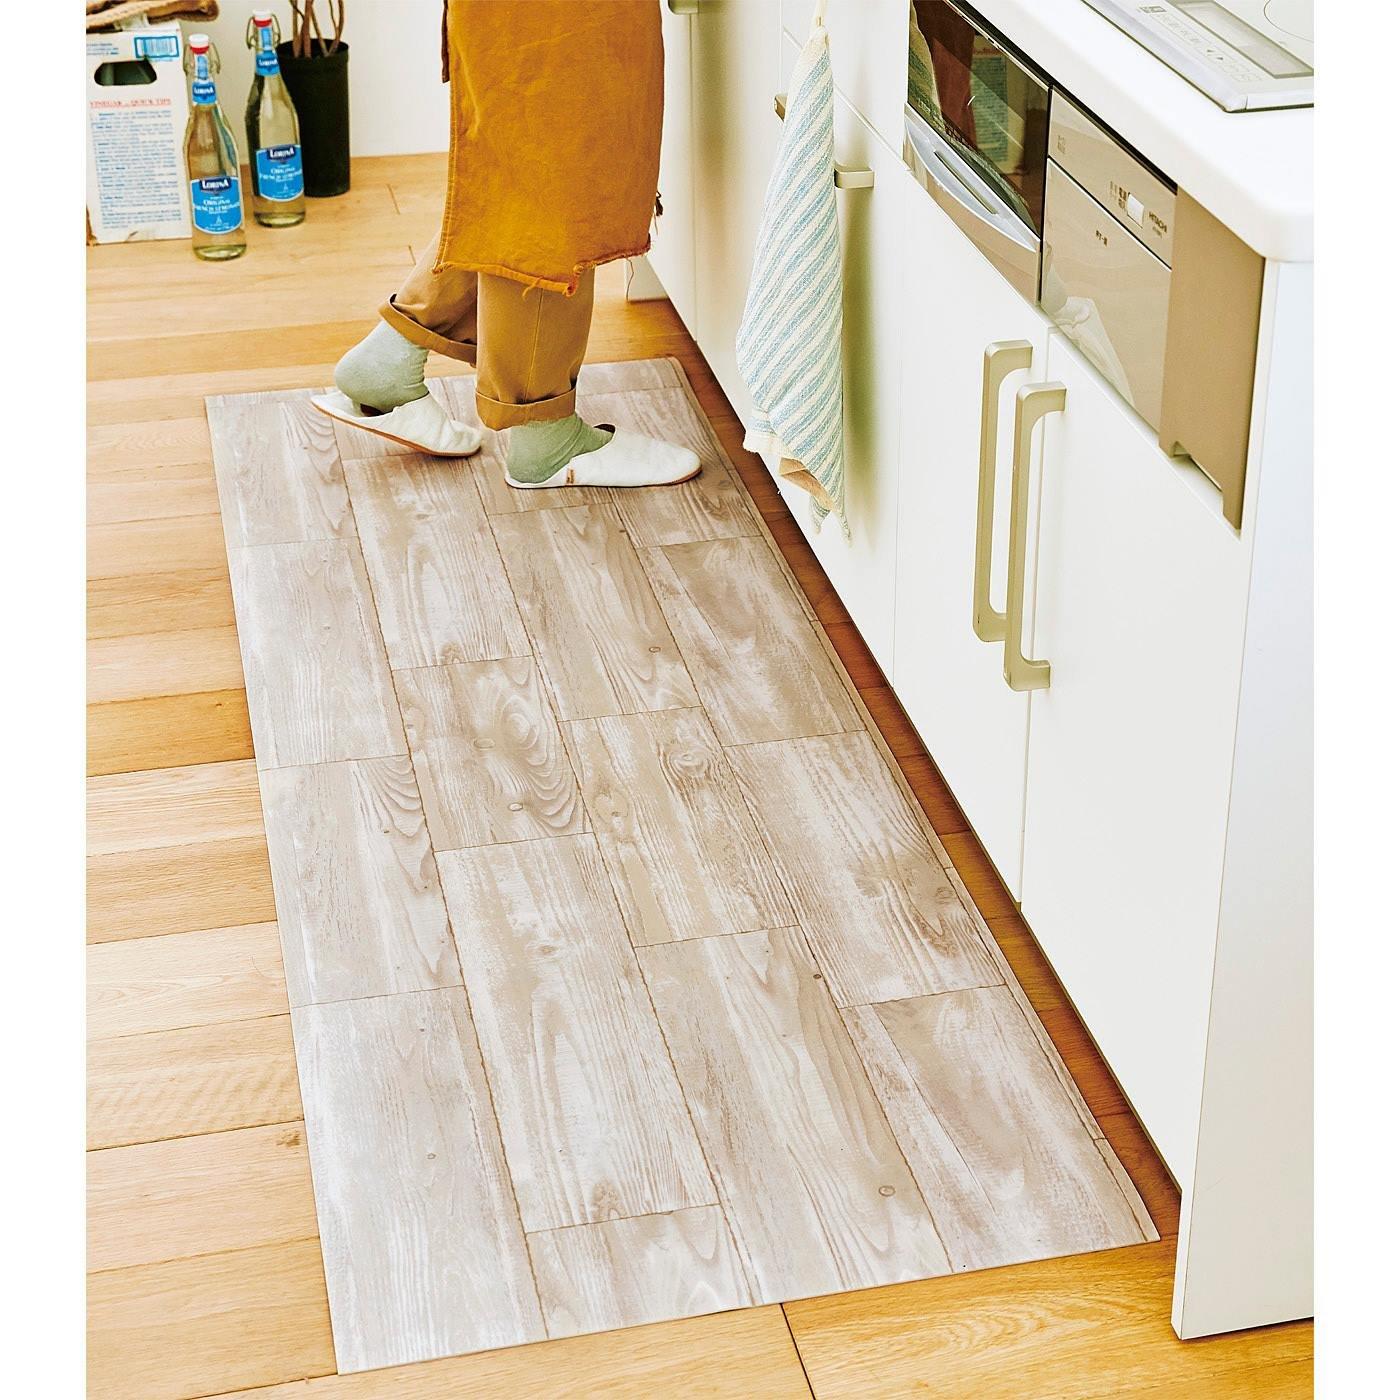 敷くだけリメイクでお手入れ簡単 リアルな木目のキッチンマット〈ホワイト〉